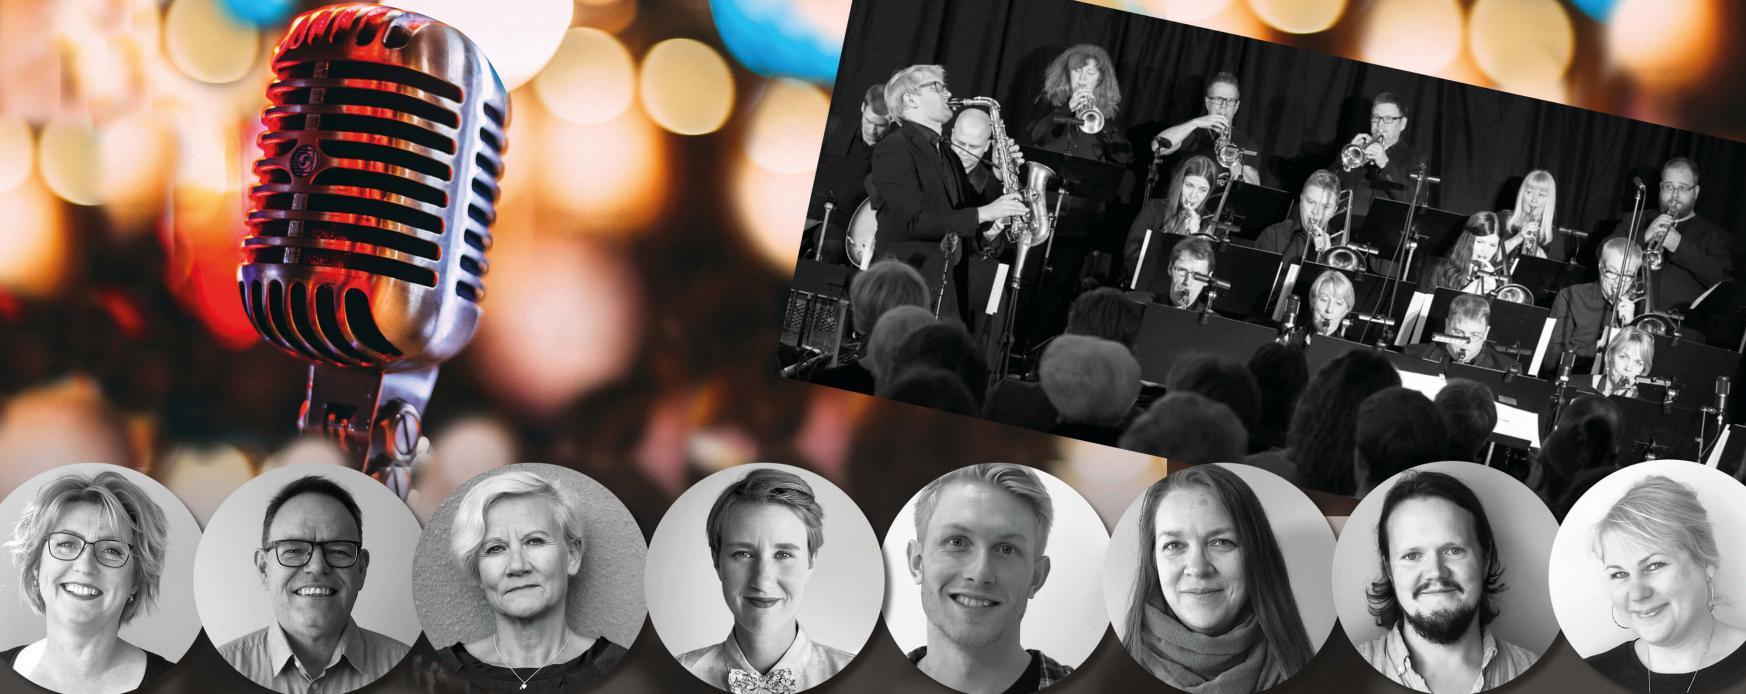 Storbandskväll med Alandia Big Band, produceras av Nordens institut på Åland